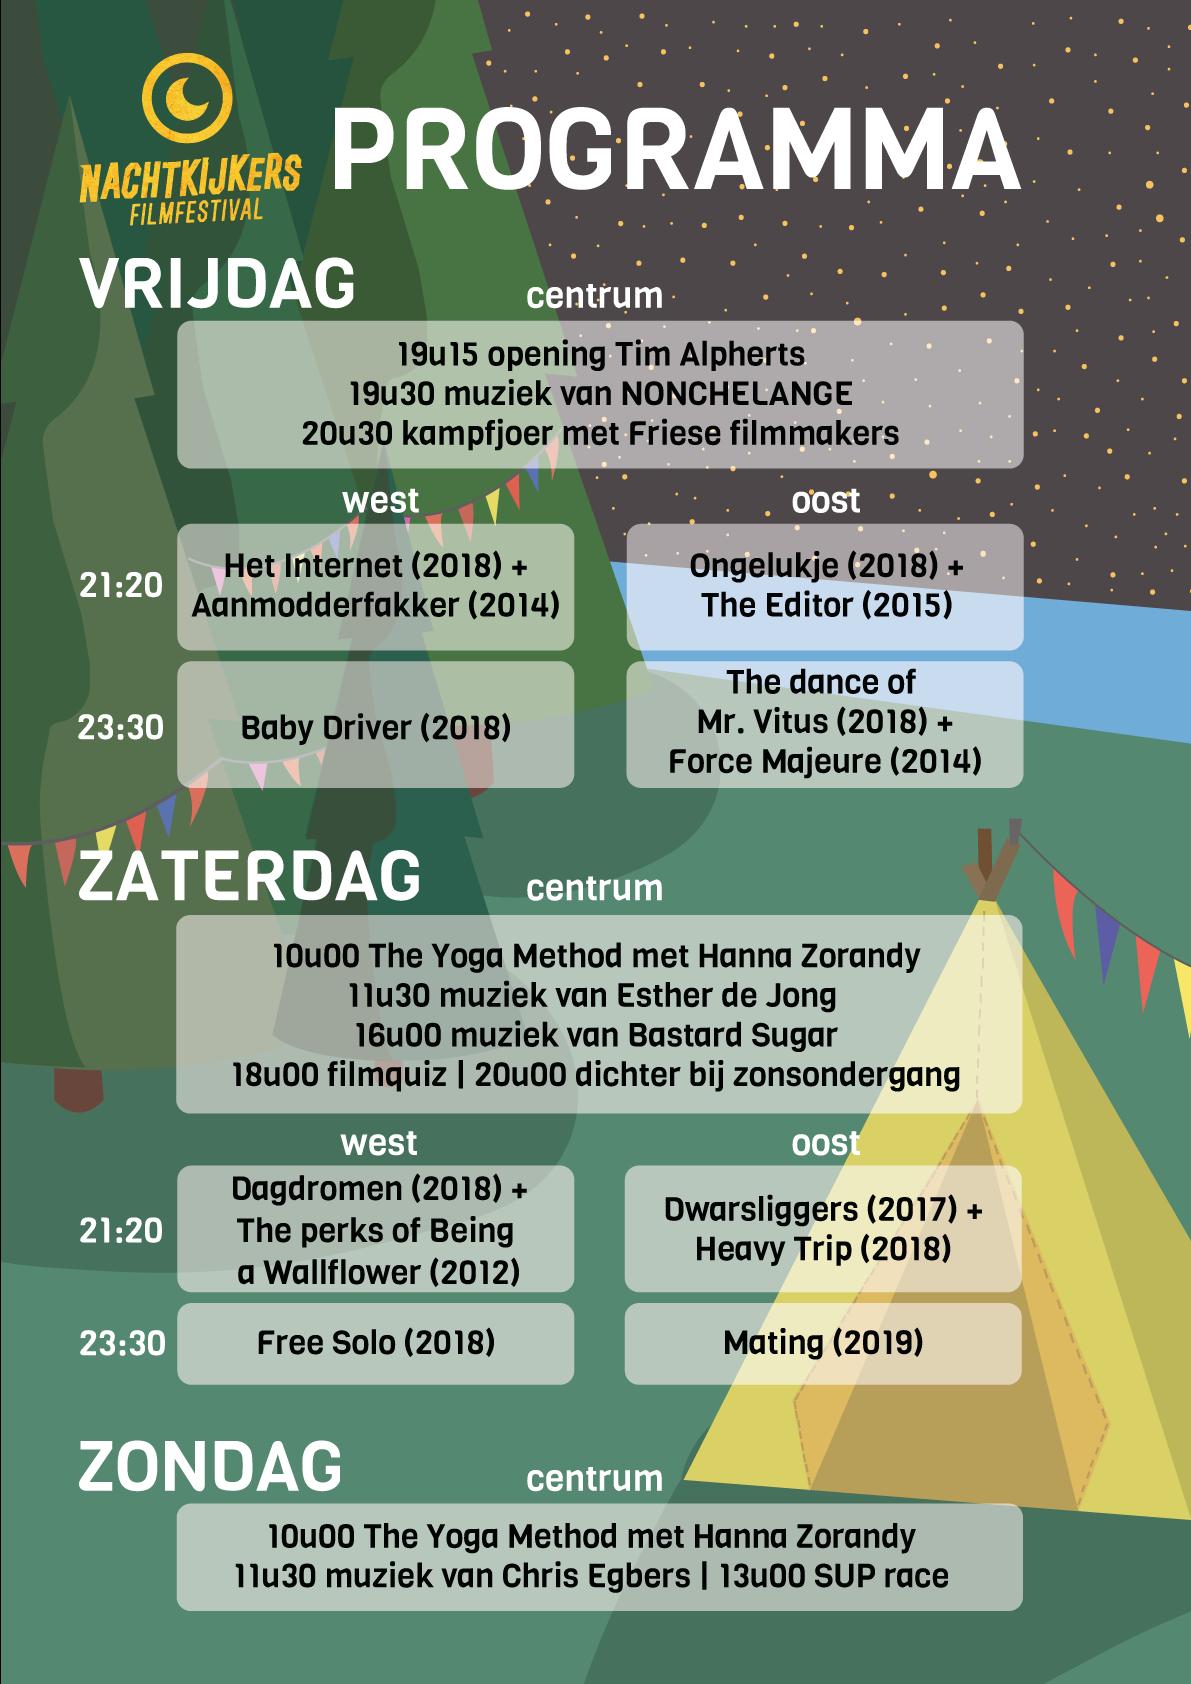 Blokkenschema programma Nachtkijkers Filmfestival 2019